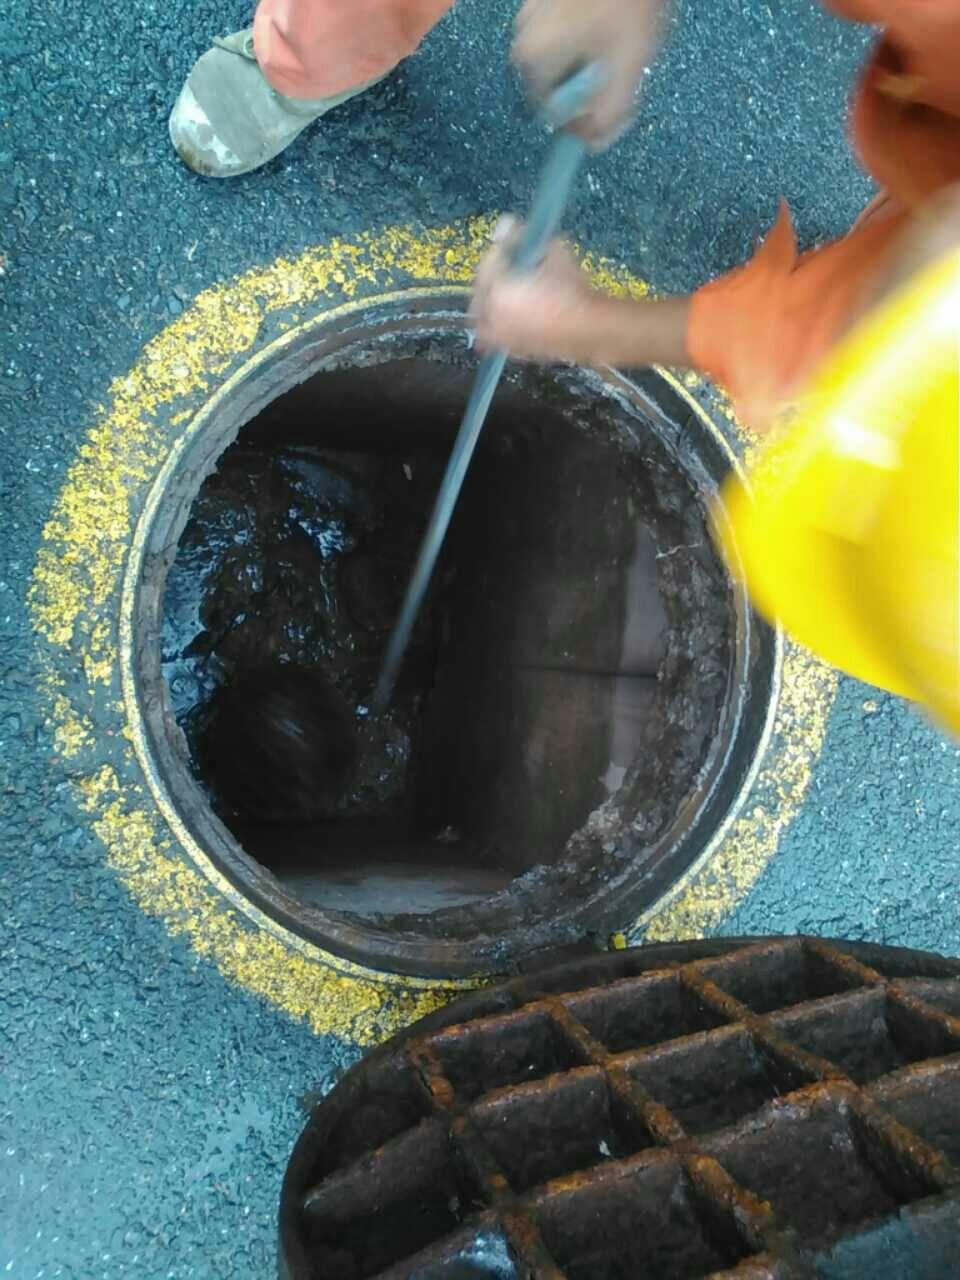 供应用于下水道疏通的杭州市市政下水道清理